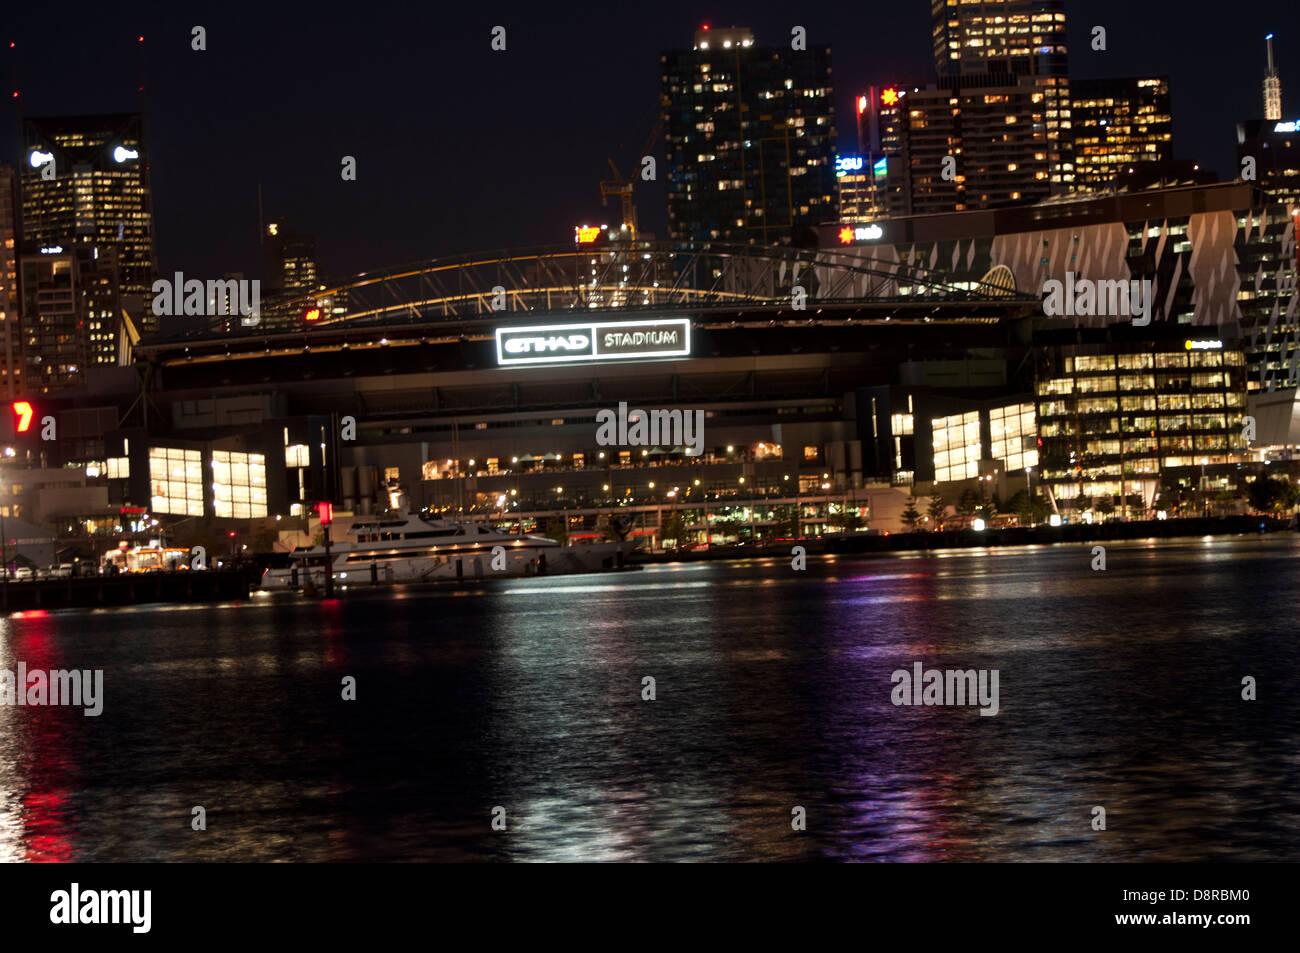 Etihad Stadium Melbourne Docklands am Hafen dock Gewässer in der Nacht  Stockfotografie - Alamy